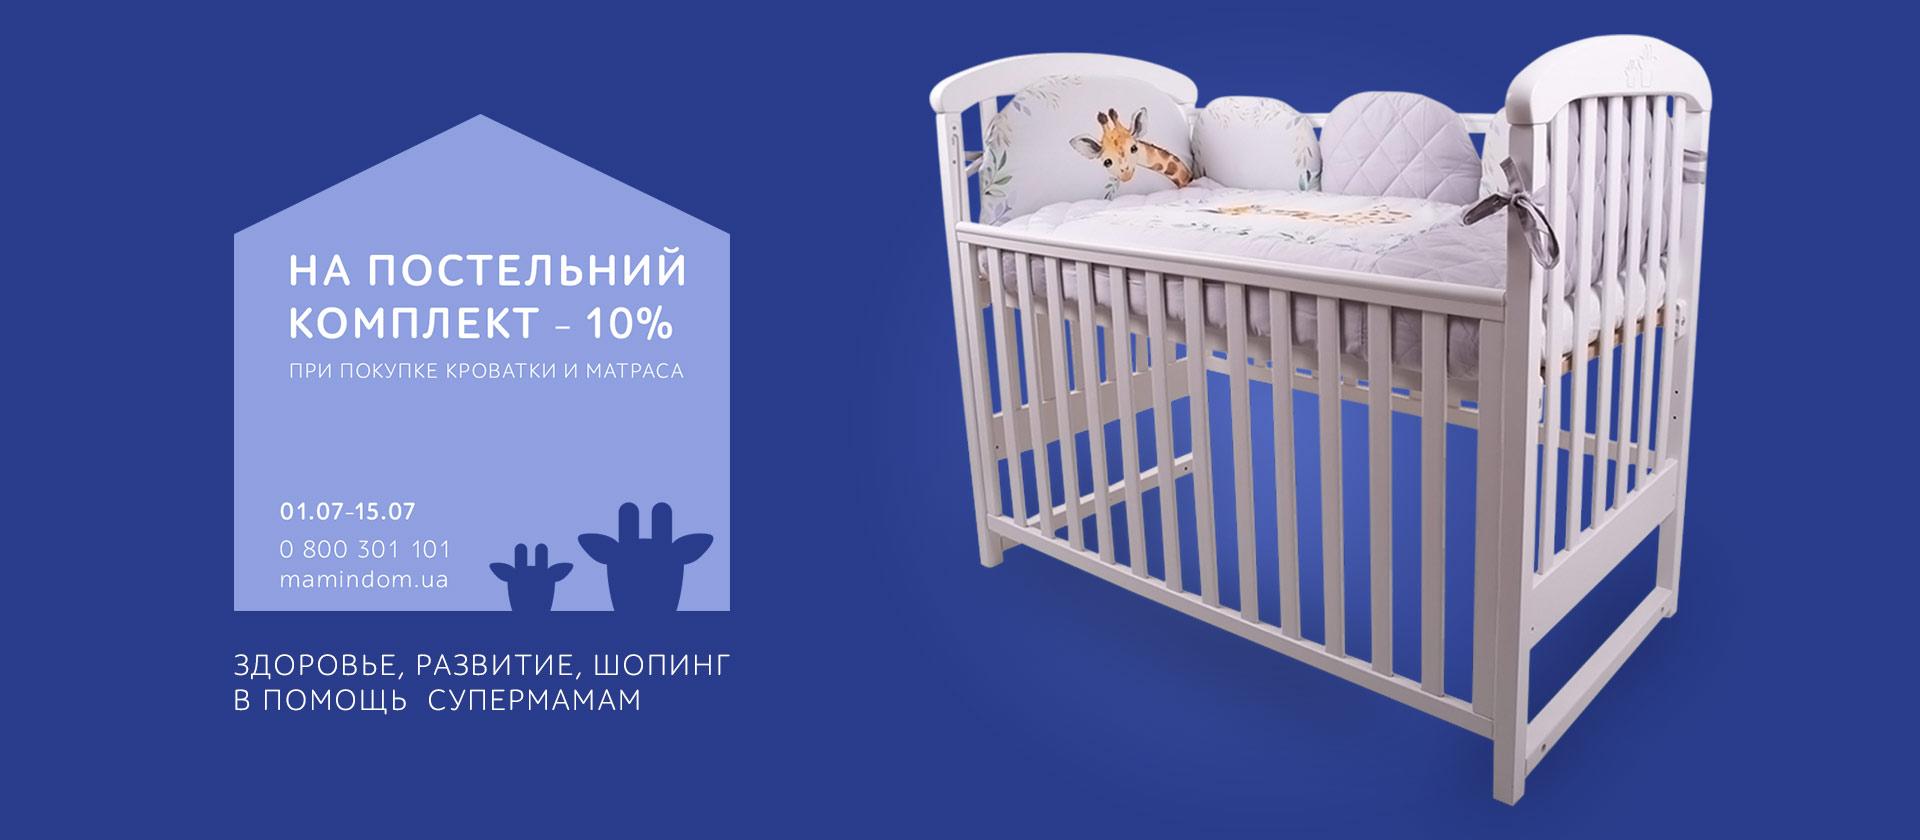 Скидка -10% на комплект постельного белья